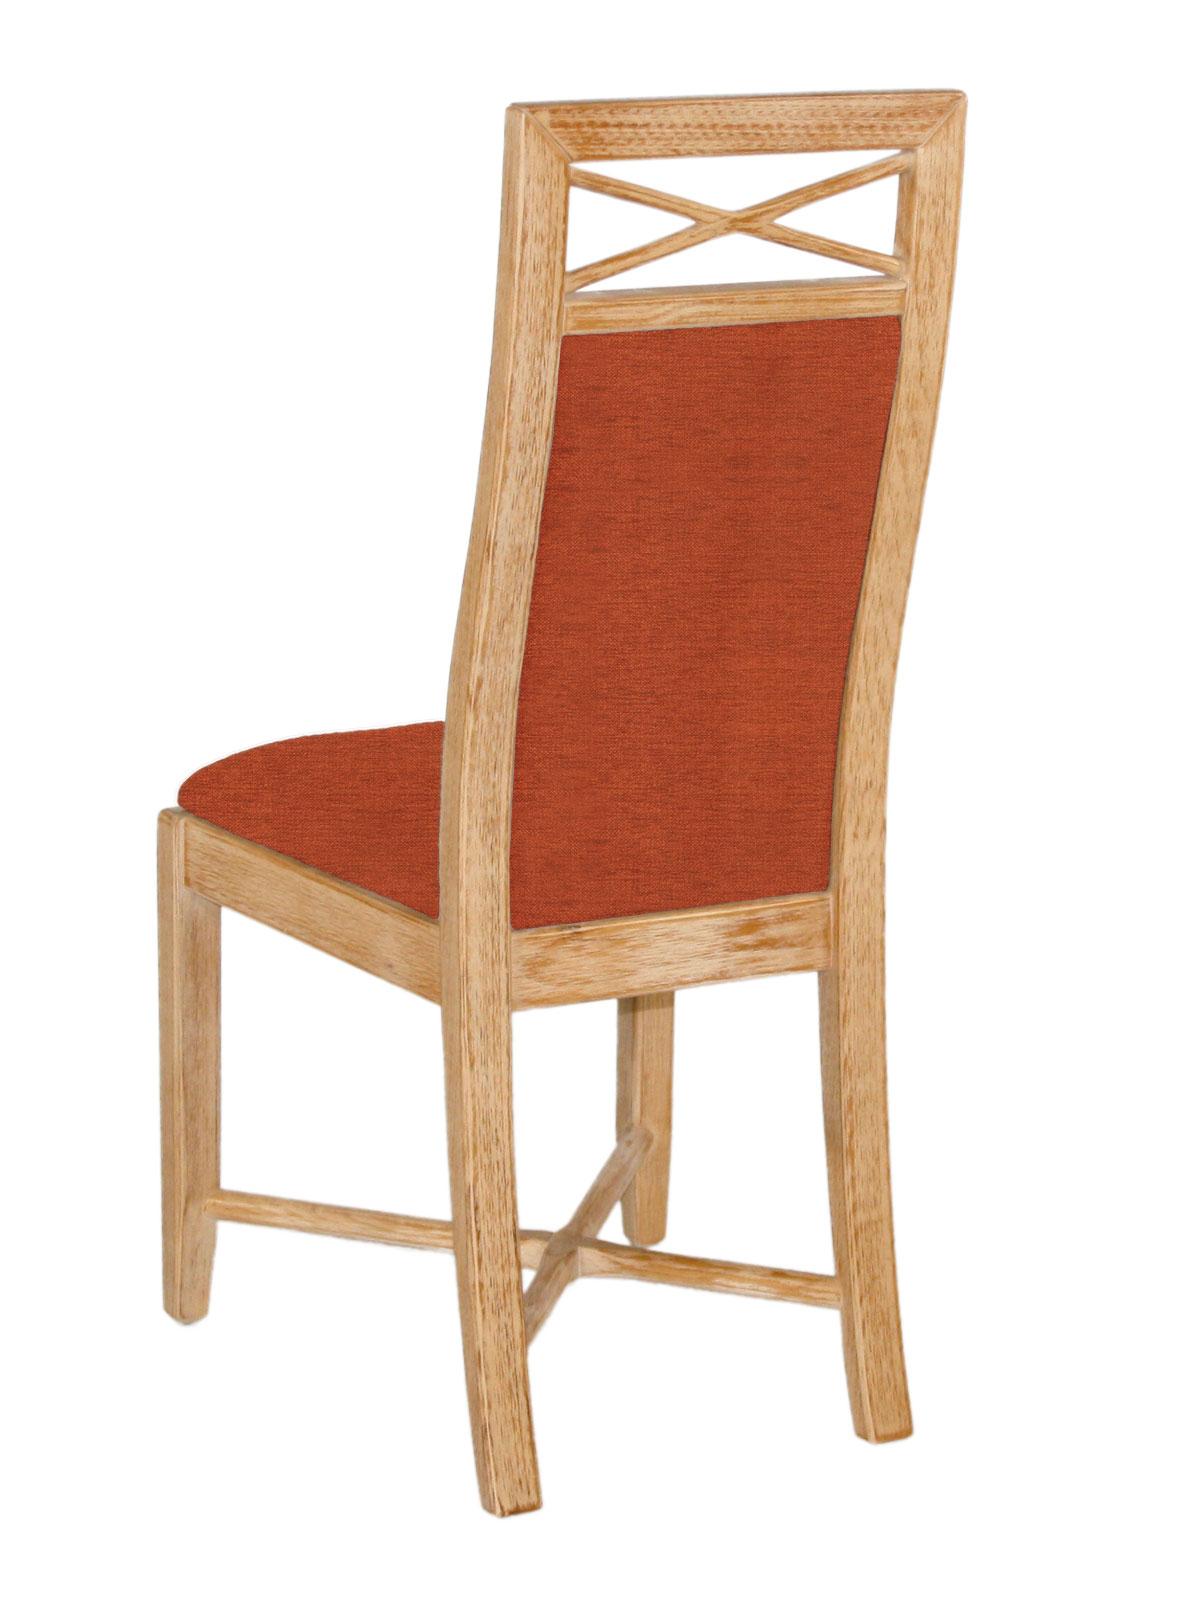 Esszimmer Stuhl Sitz Und Rücken Gepolstert Pinie Massiv Mvg